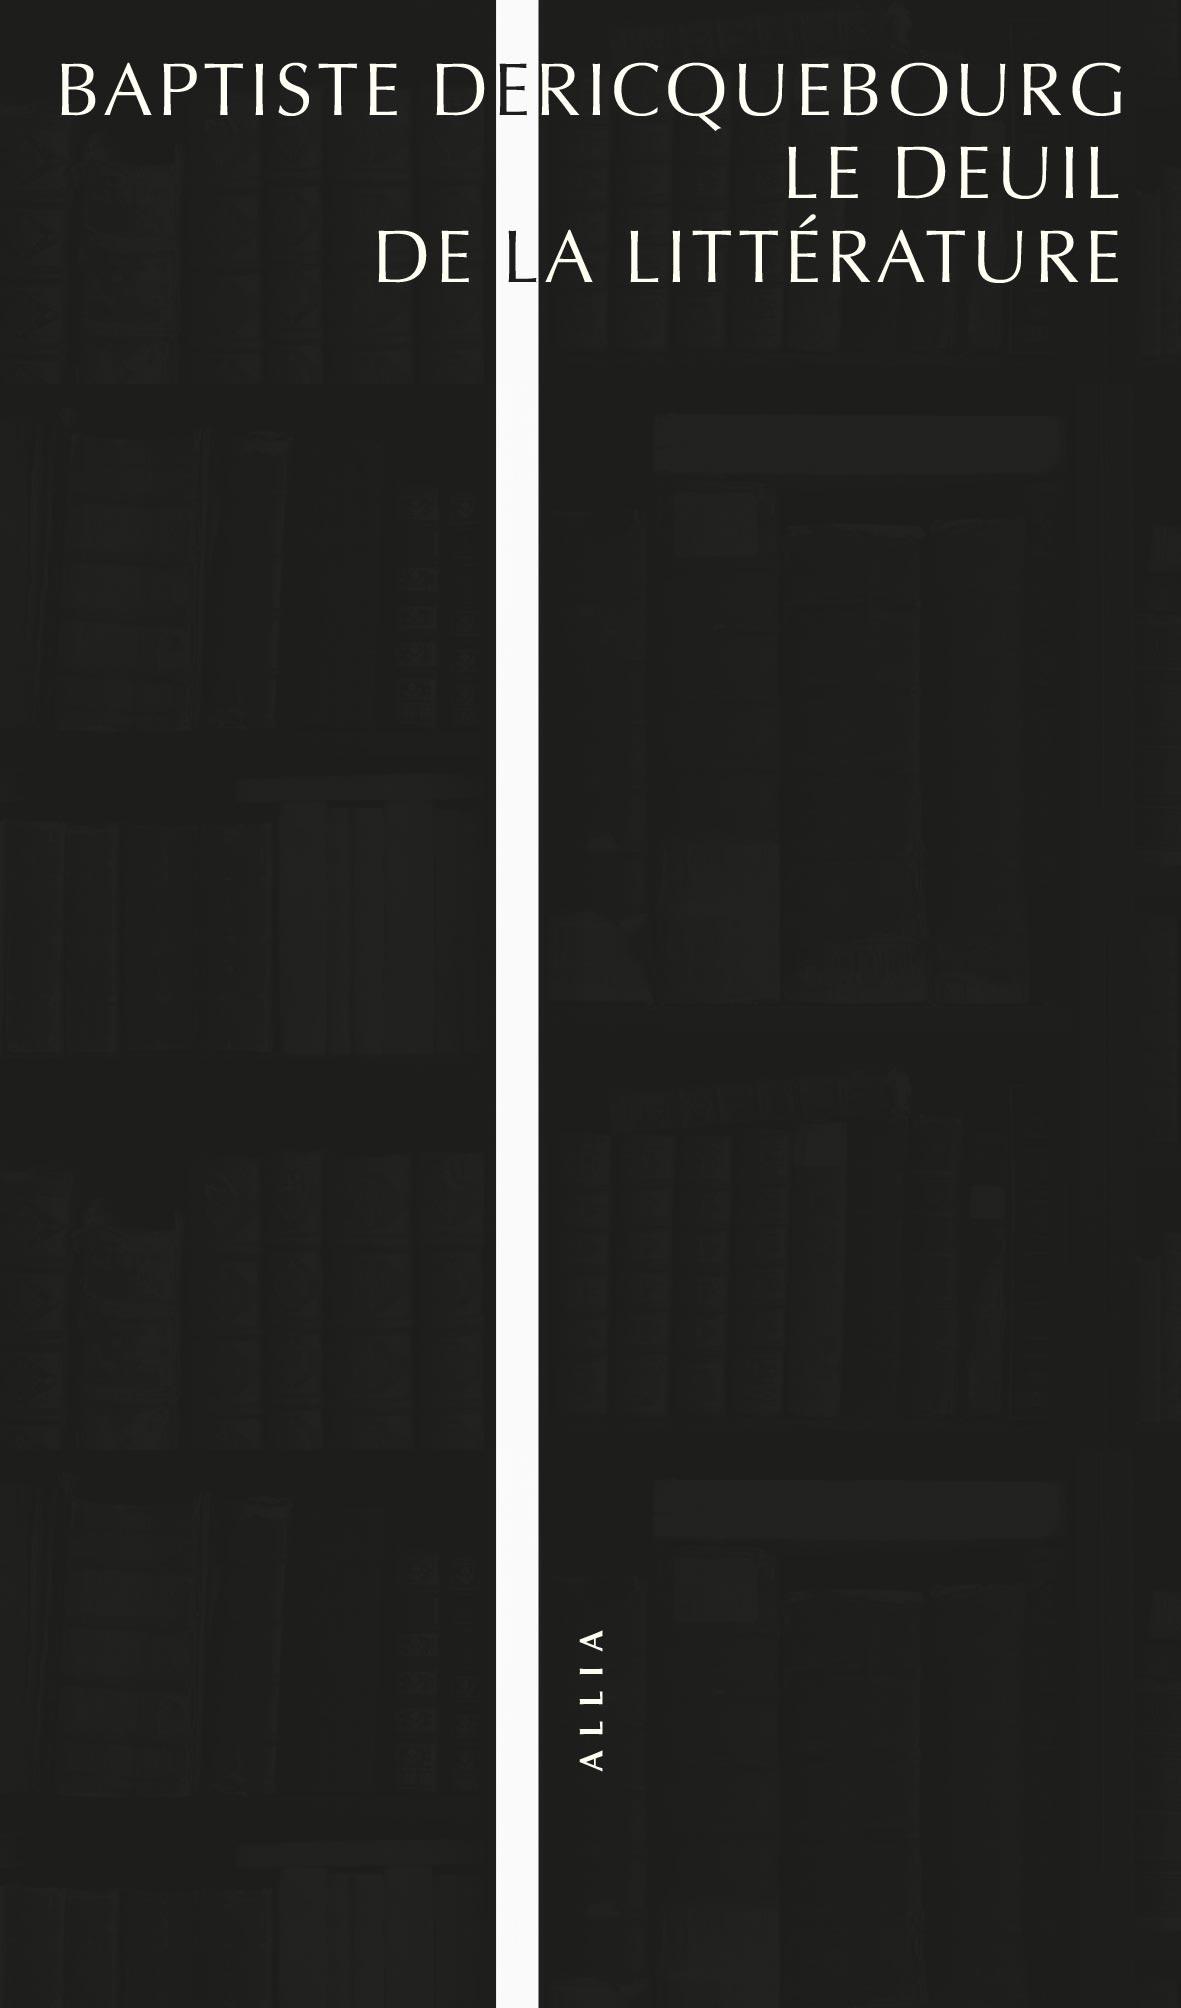 B. Dericquebourg, Le Deuil de la littérature